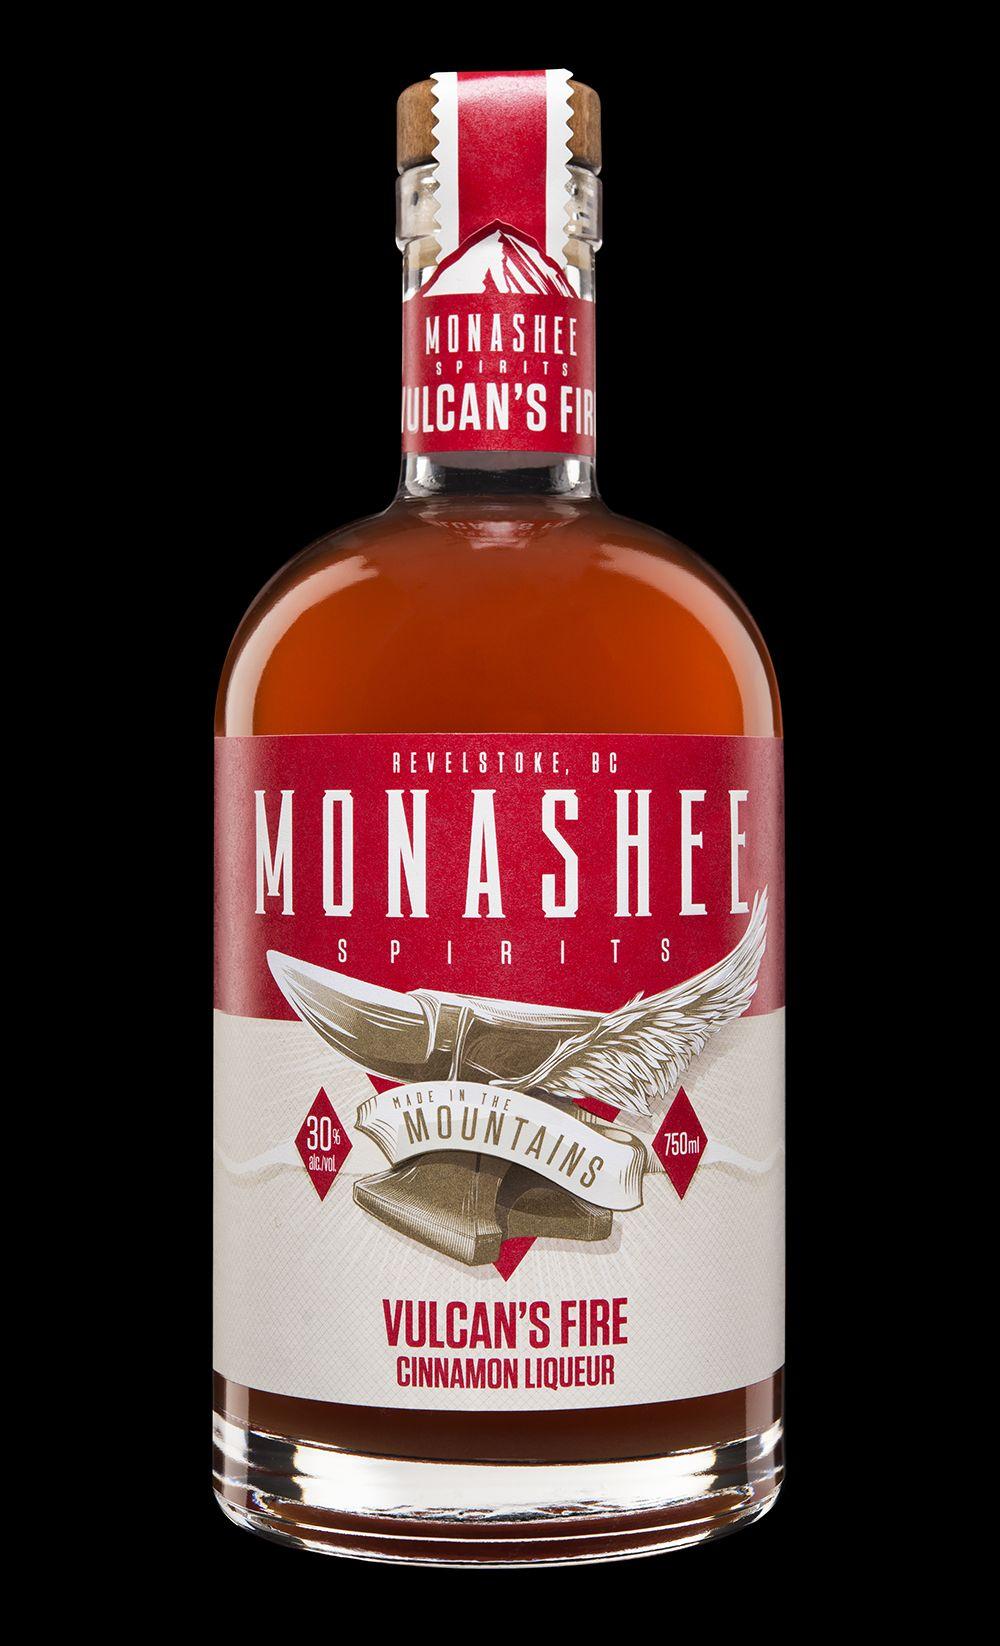 Branding Label Design For Monashee Spirits Creative Packaging Design Spirit Bottle Design